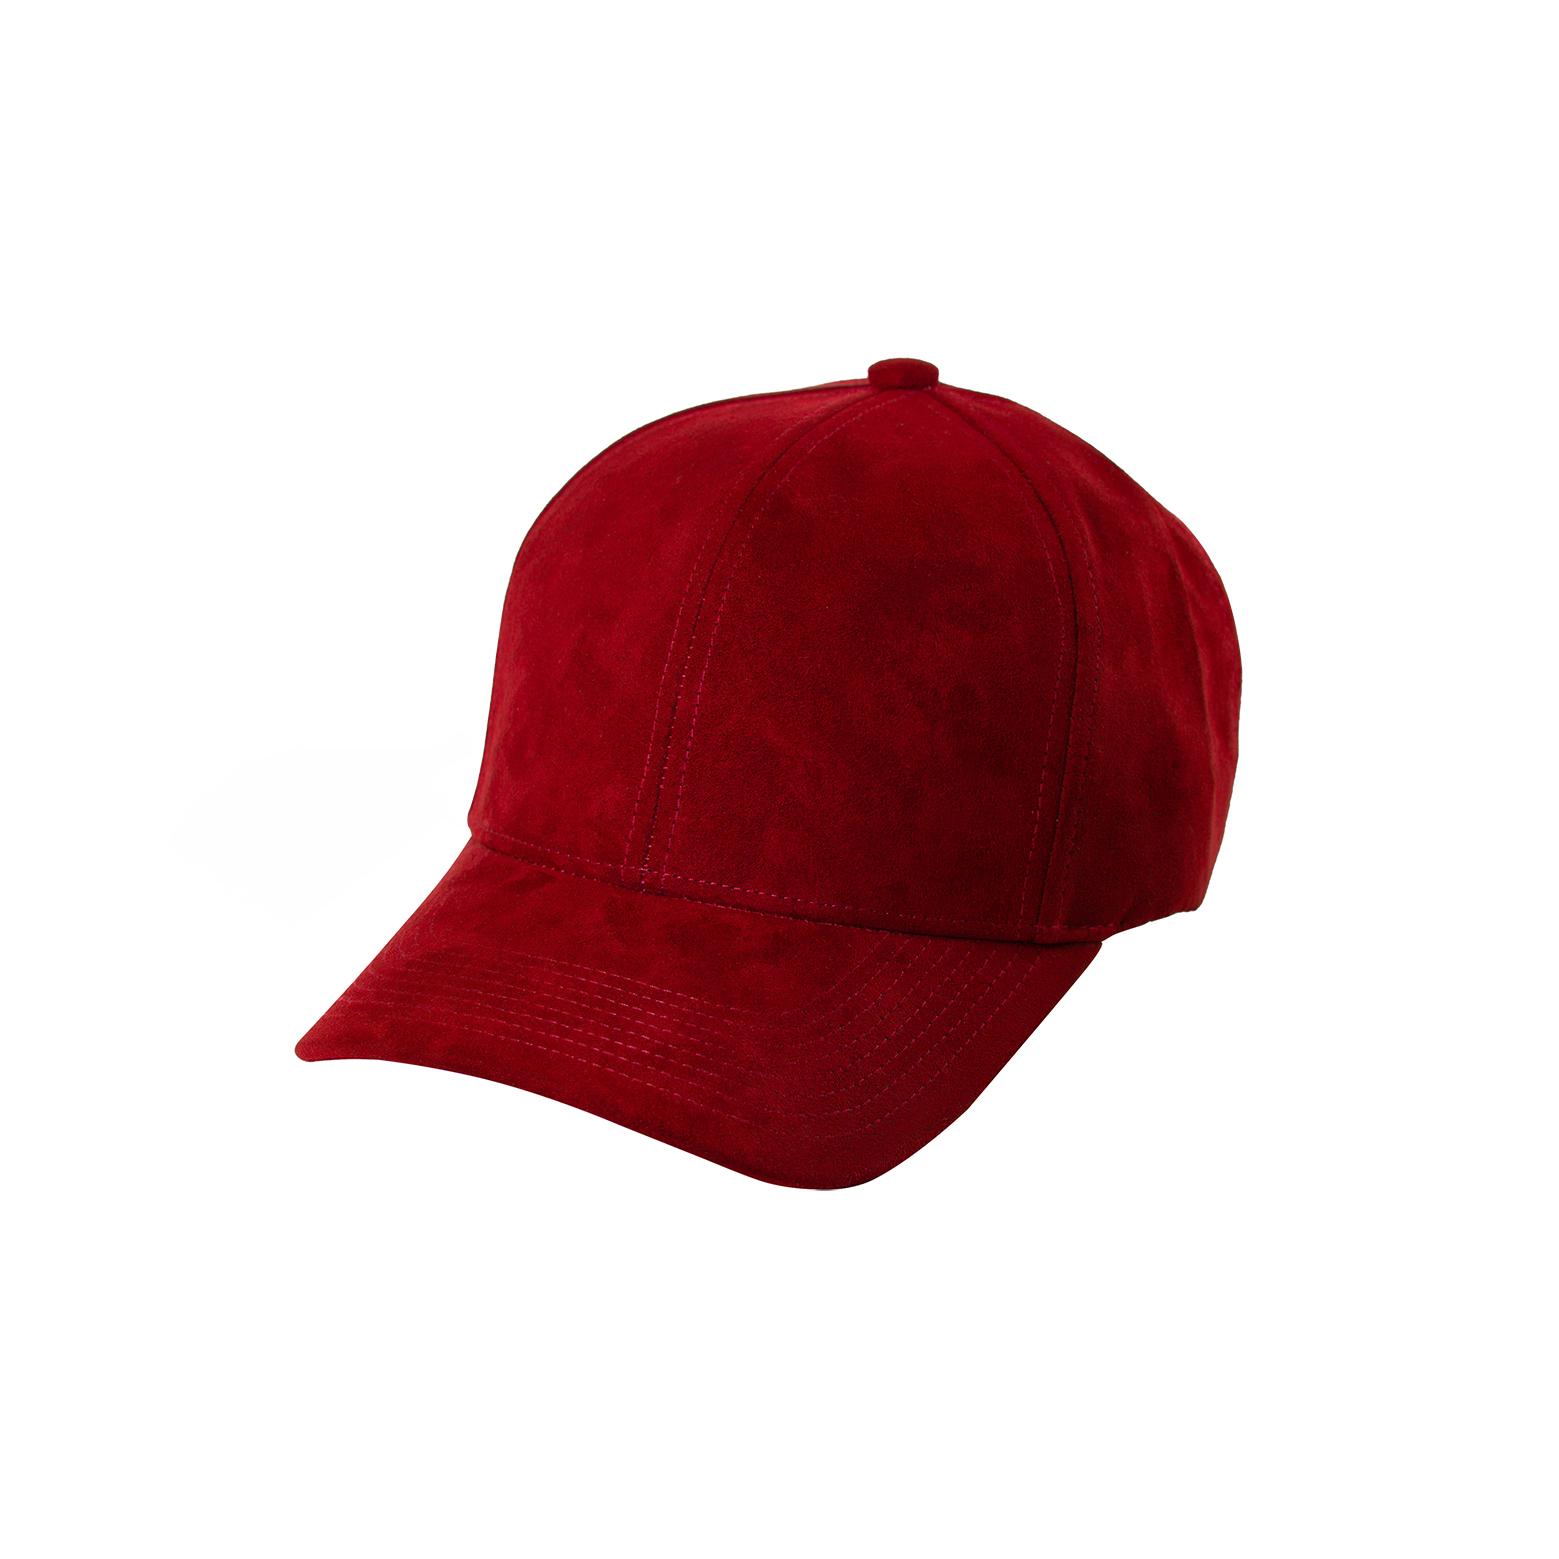 06f1efb88c65d7 DSLINE BASEBALL CAP RED SUEDE   GOLD - DSLINE BASICS